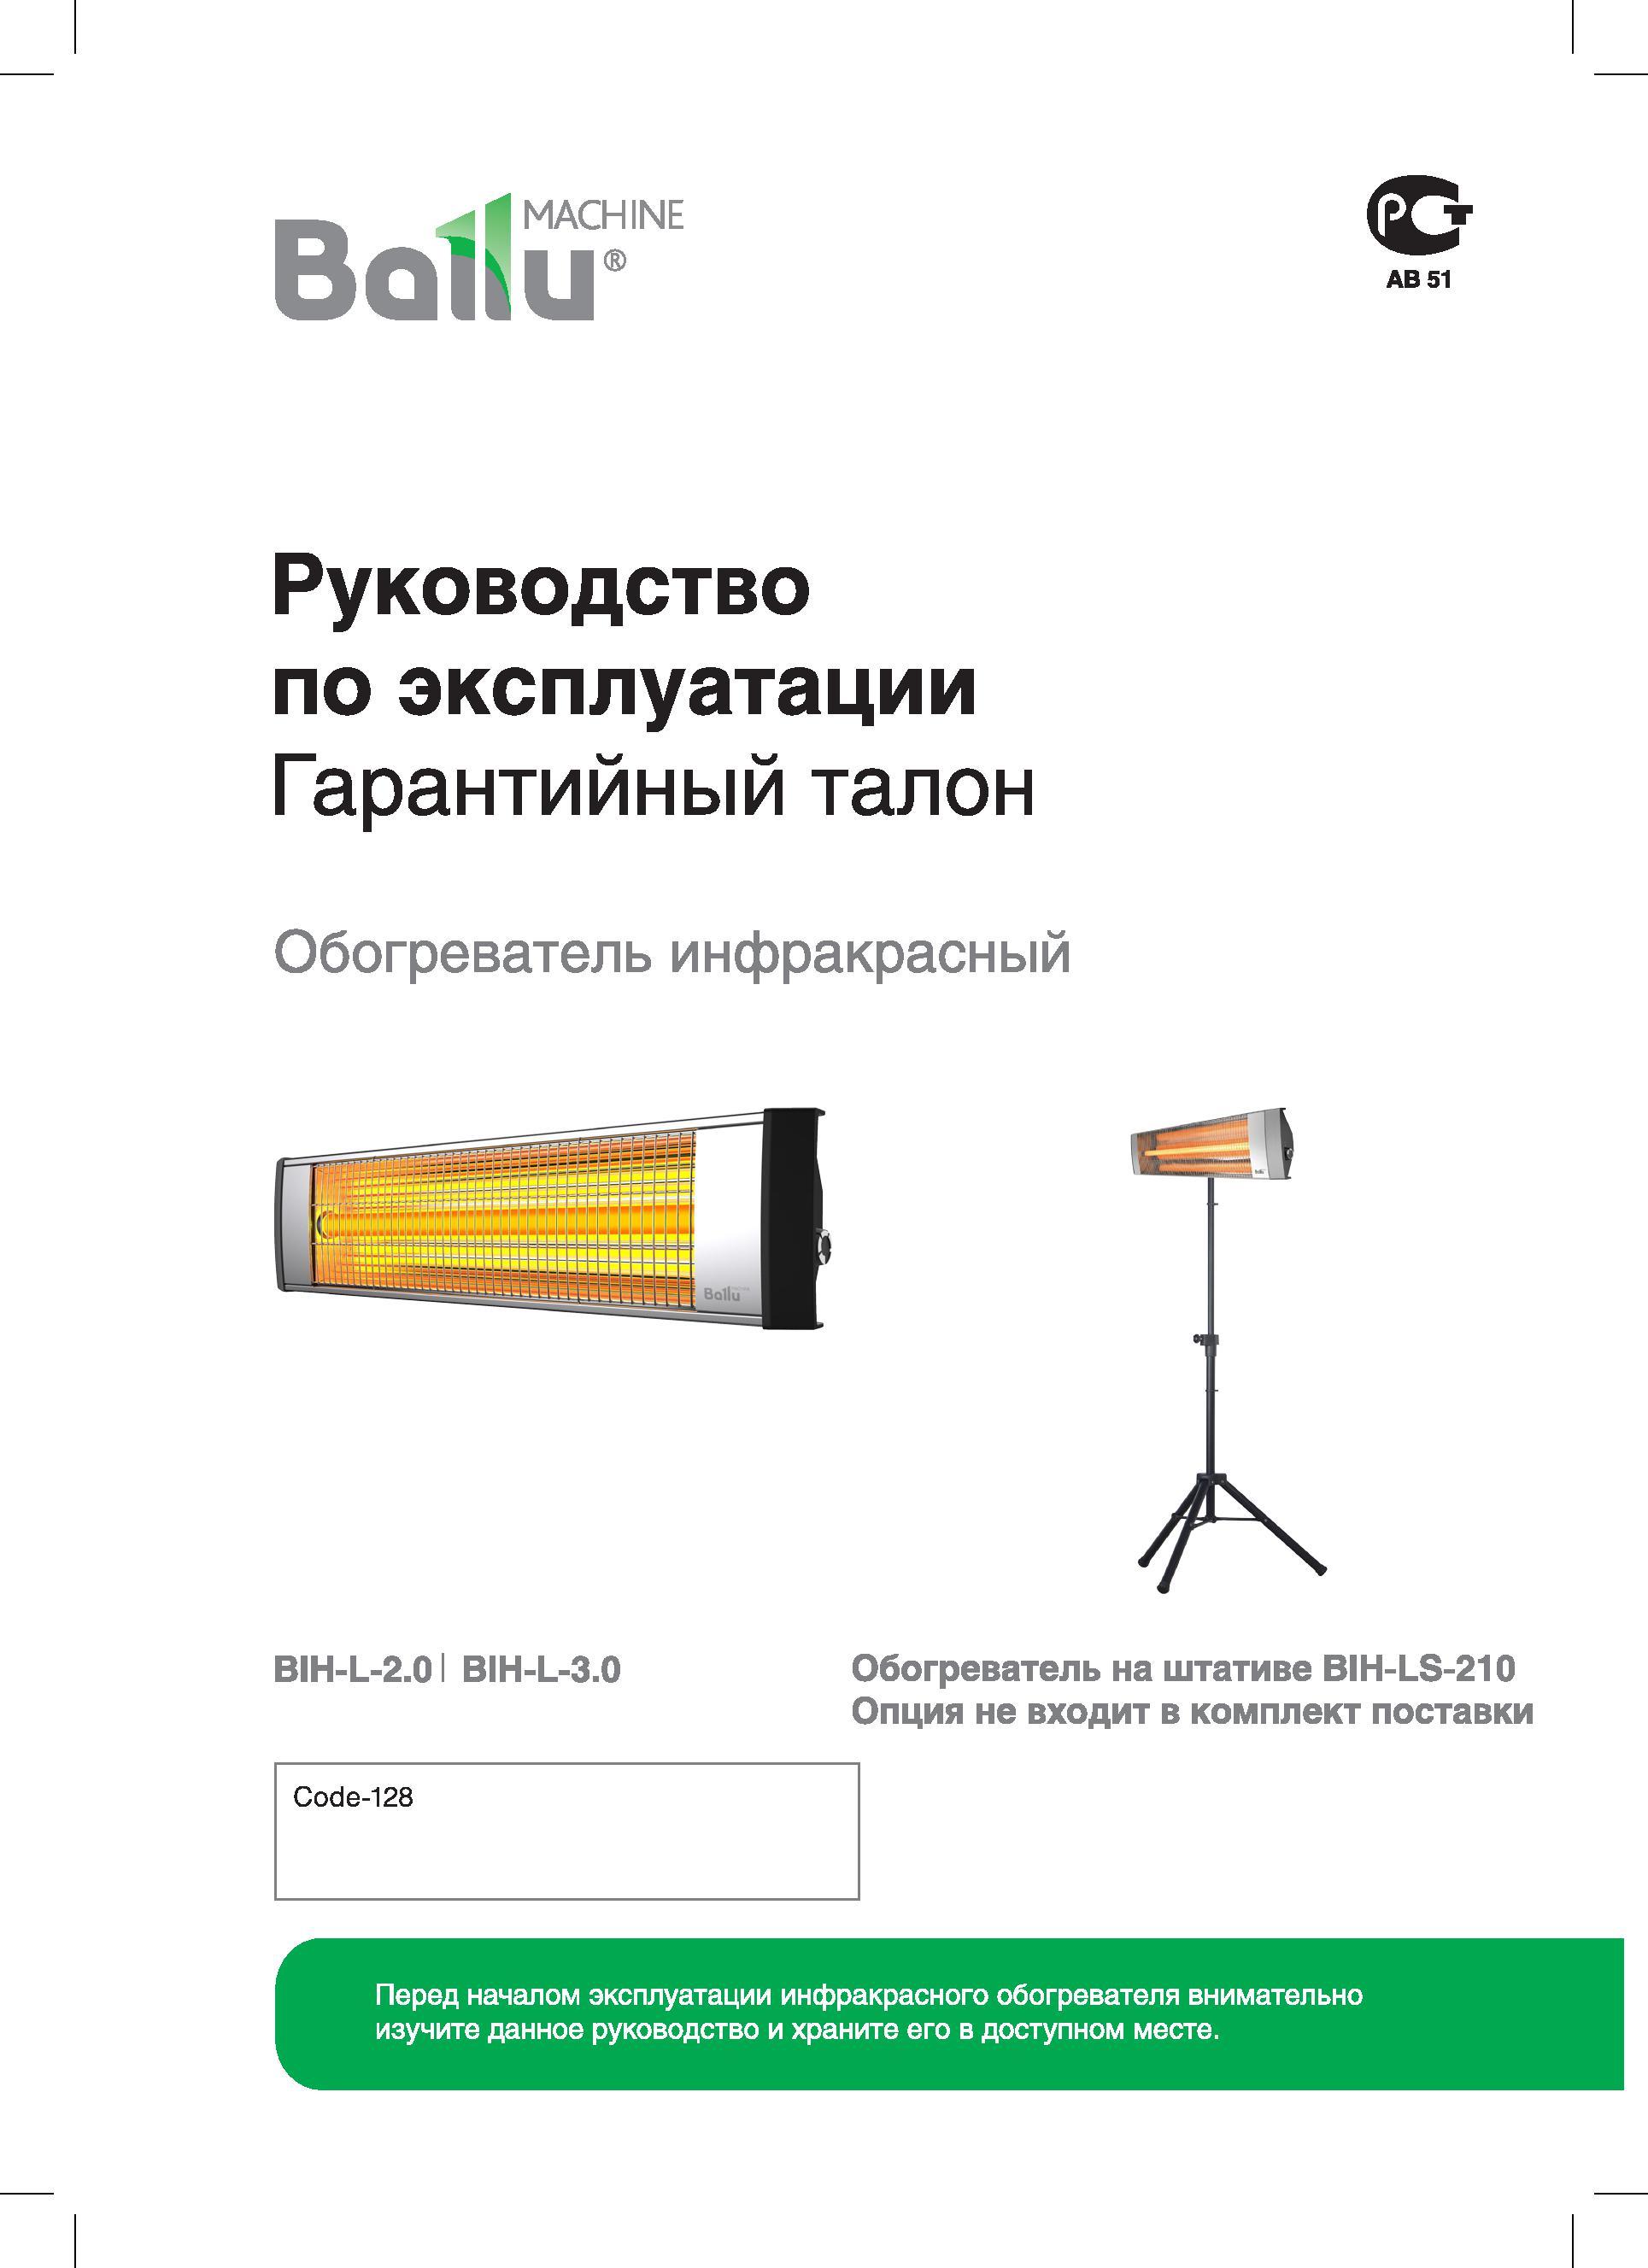 Инструкция на обогреватель Ballu BIH-L